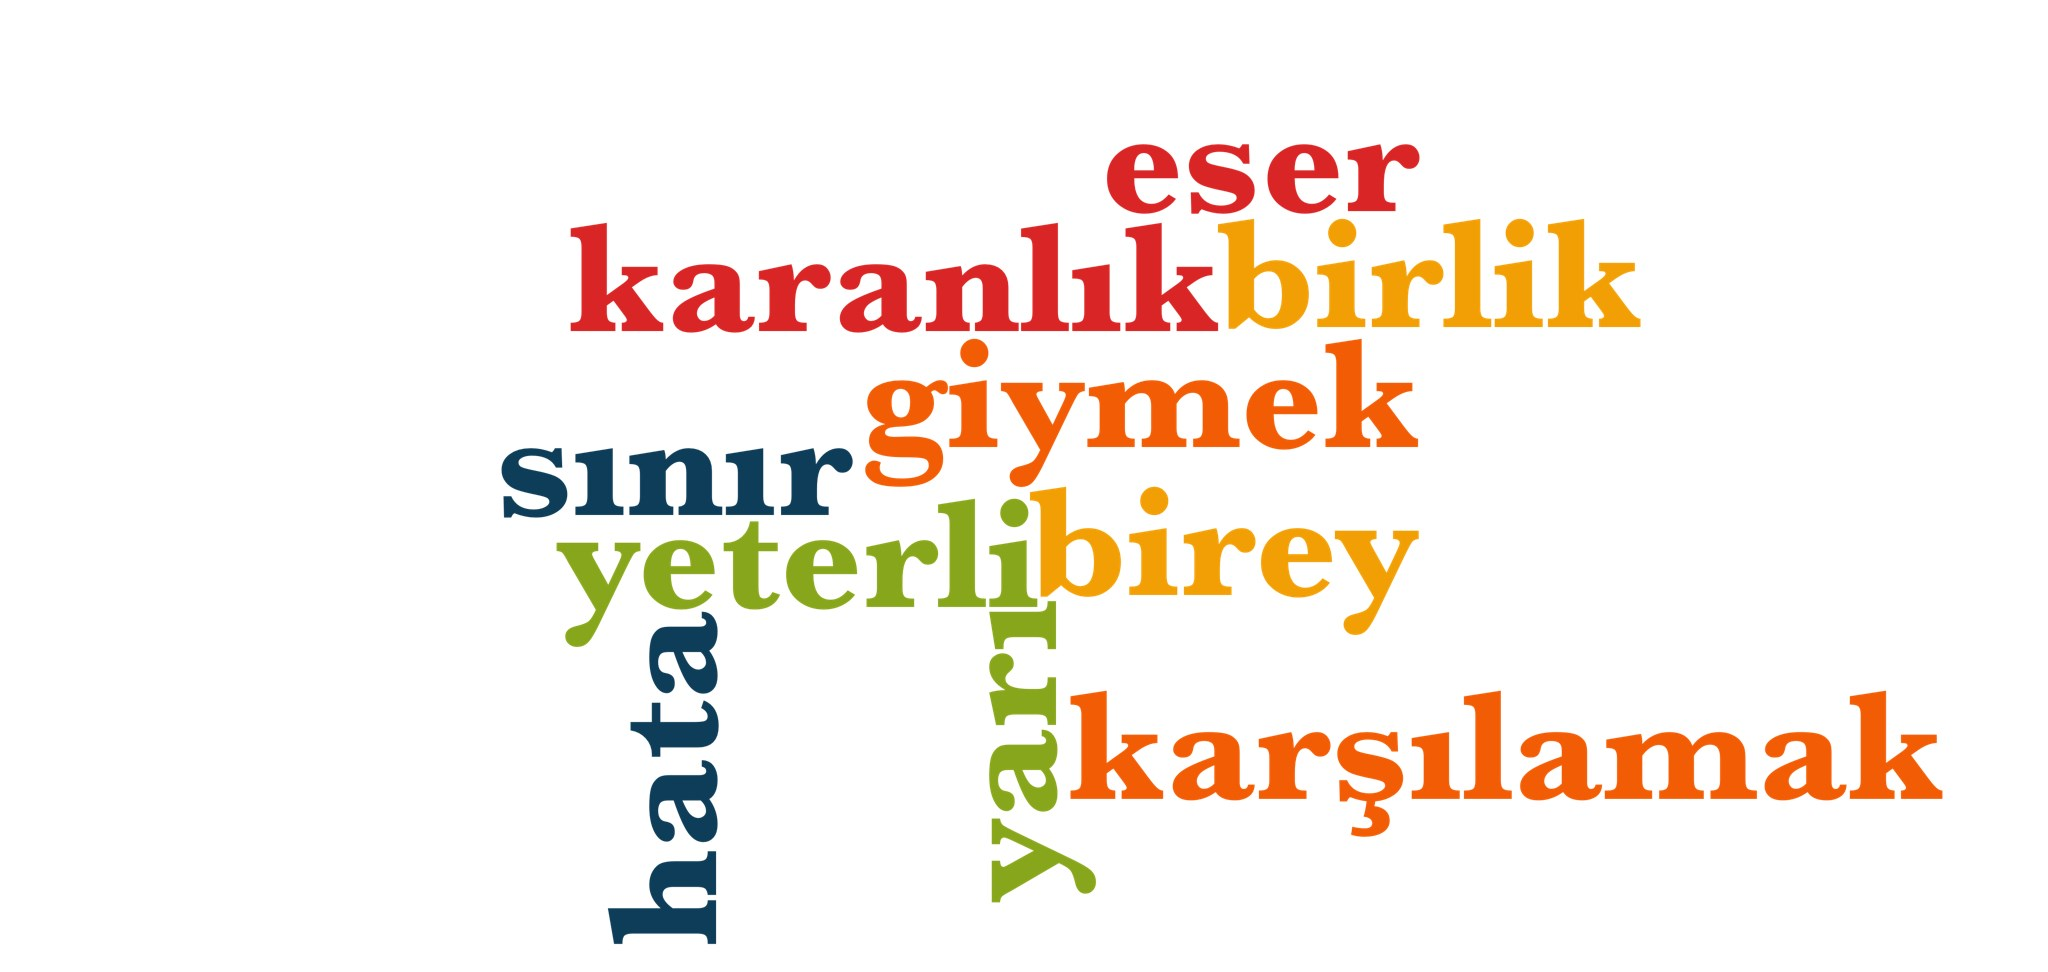 Wörter 751 bis 760 der 1000 häufigsten Wörter der türkischen Sprache